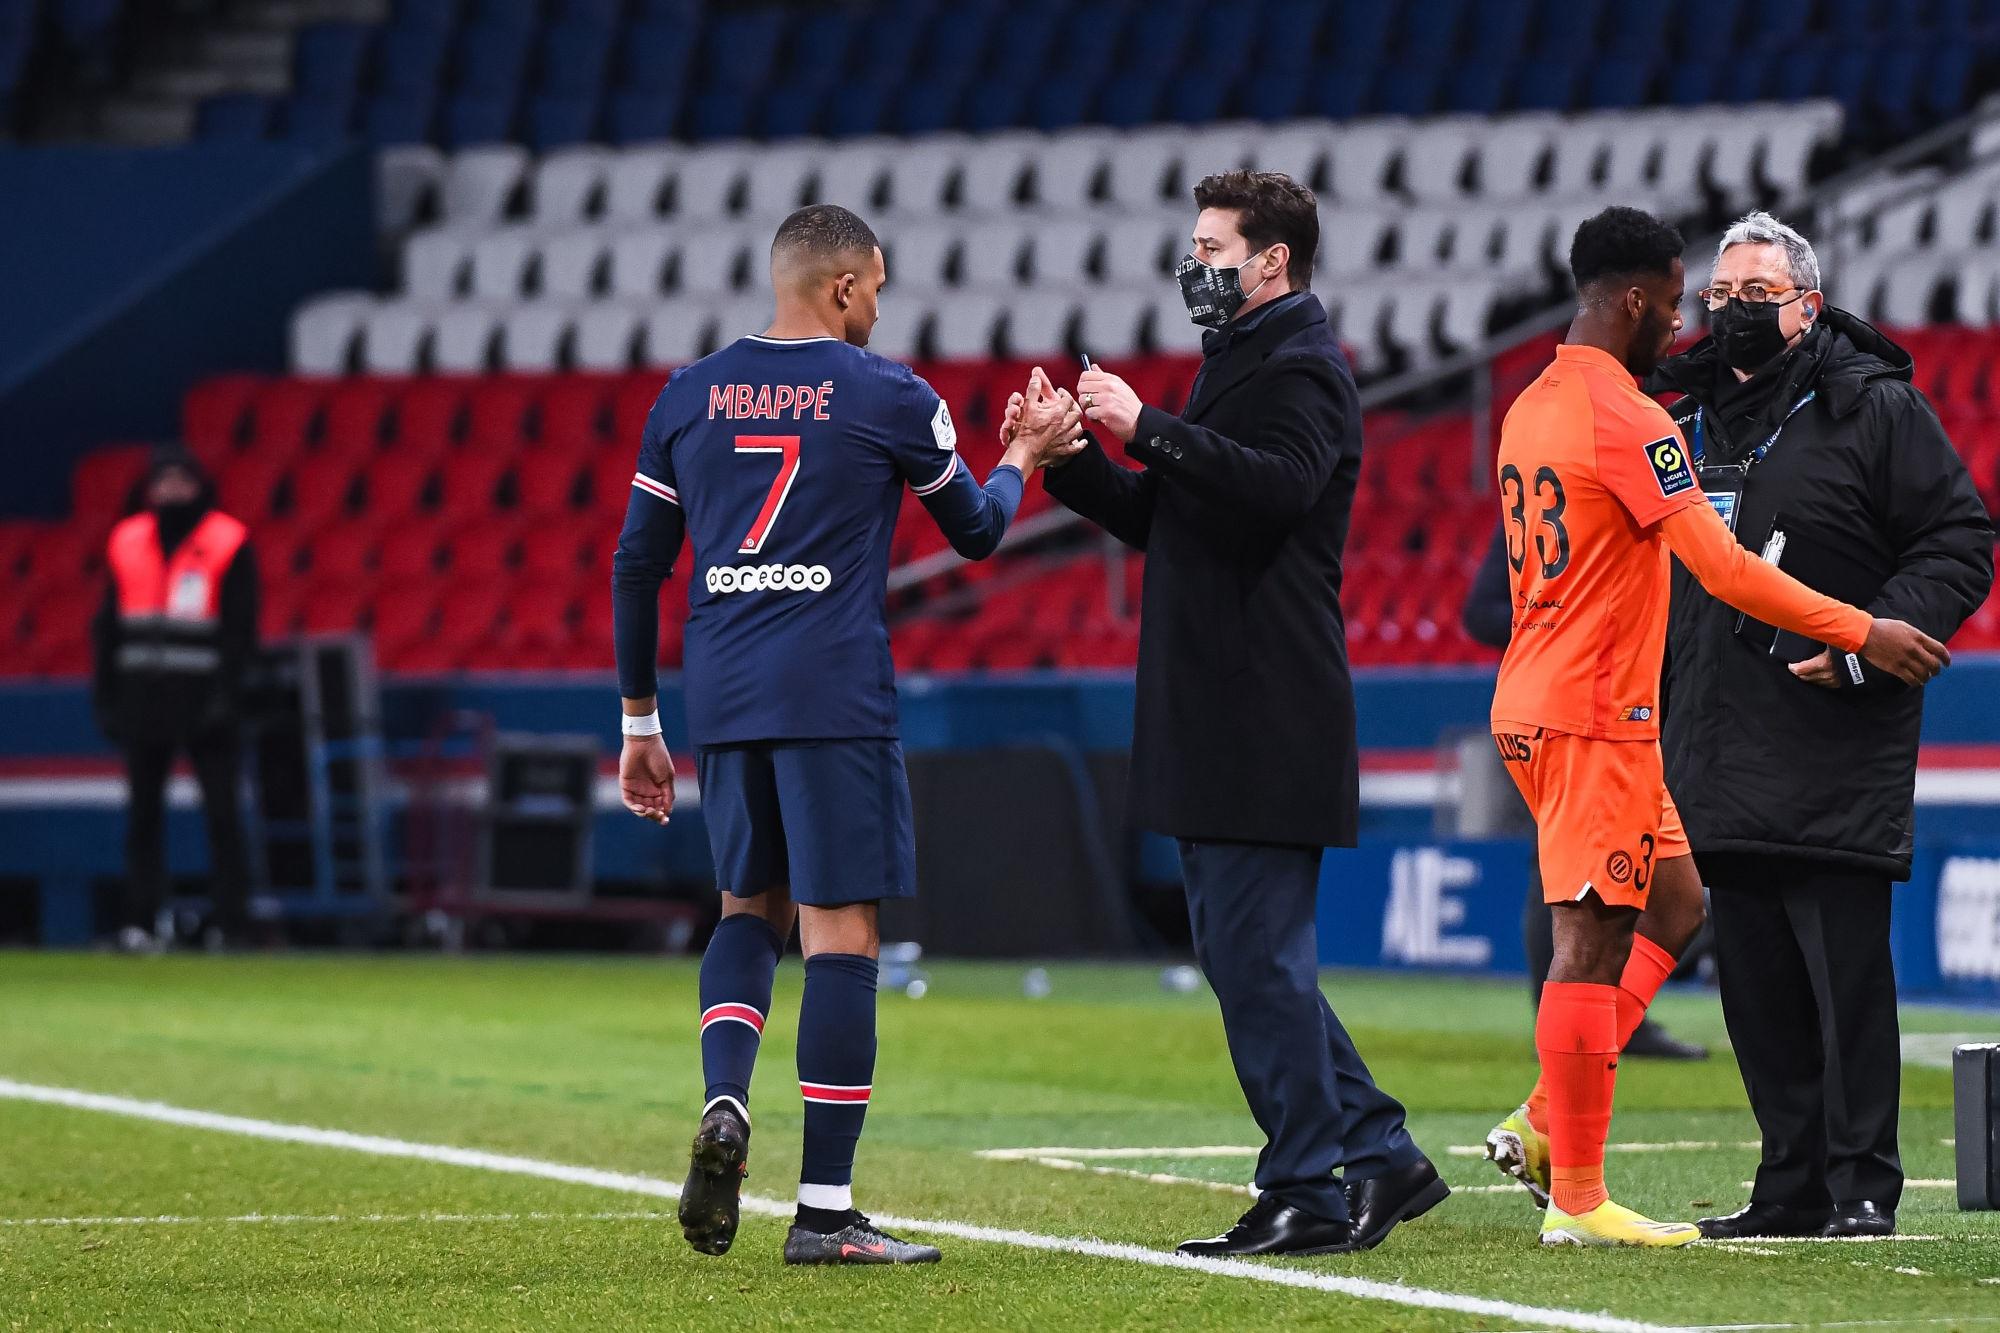 PSG/Montpellier - Pochettino évoque la performance, Mbappé, Navas et Marquinhos